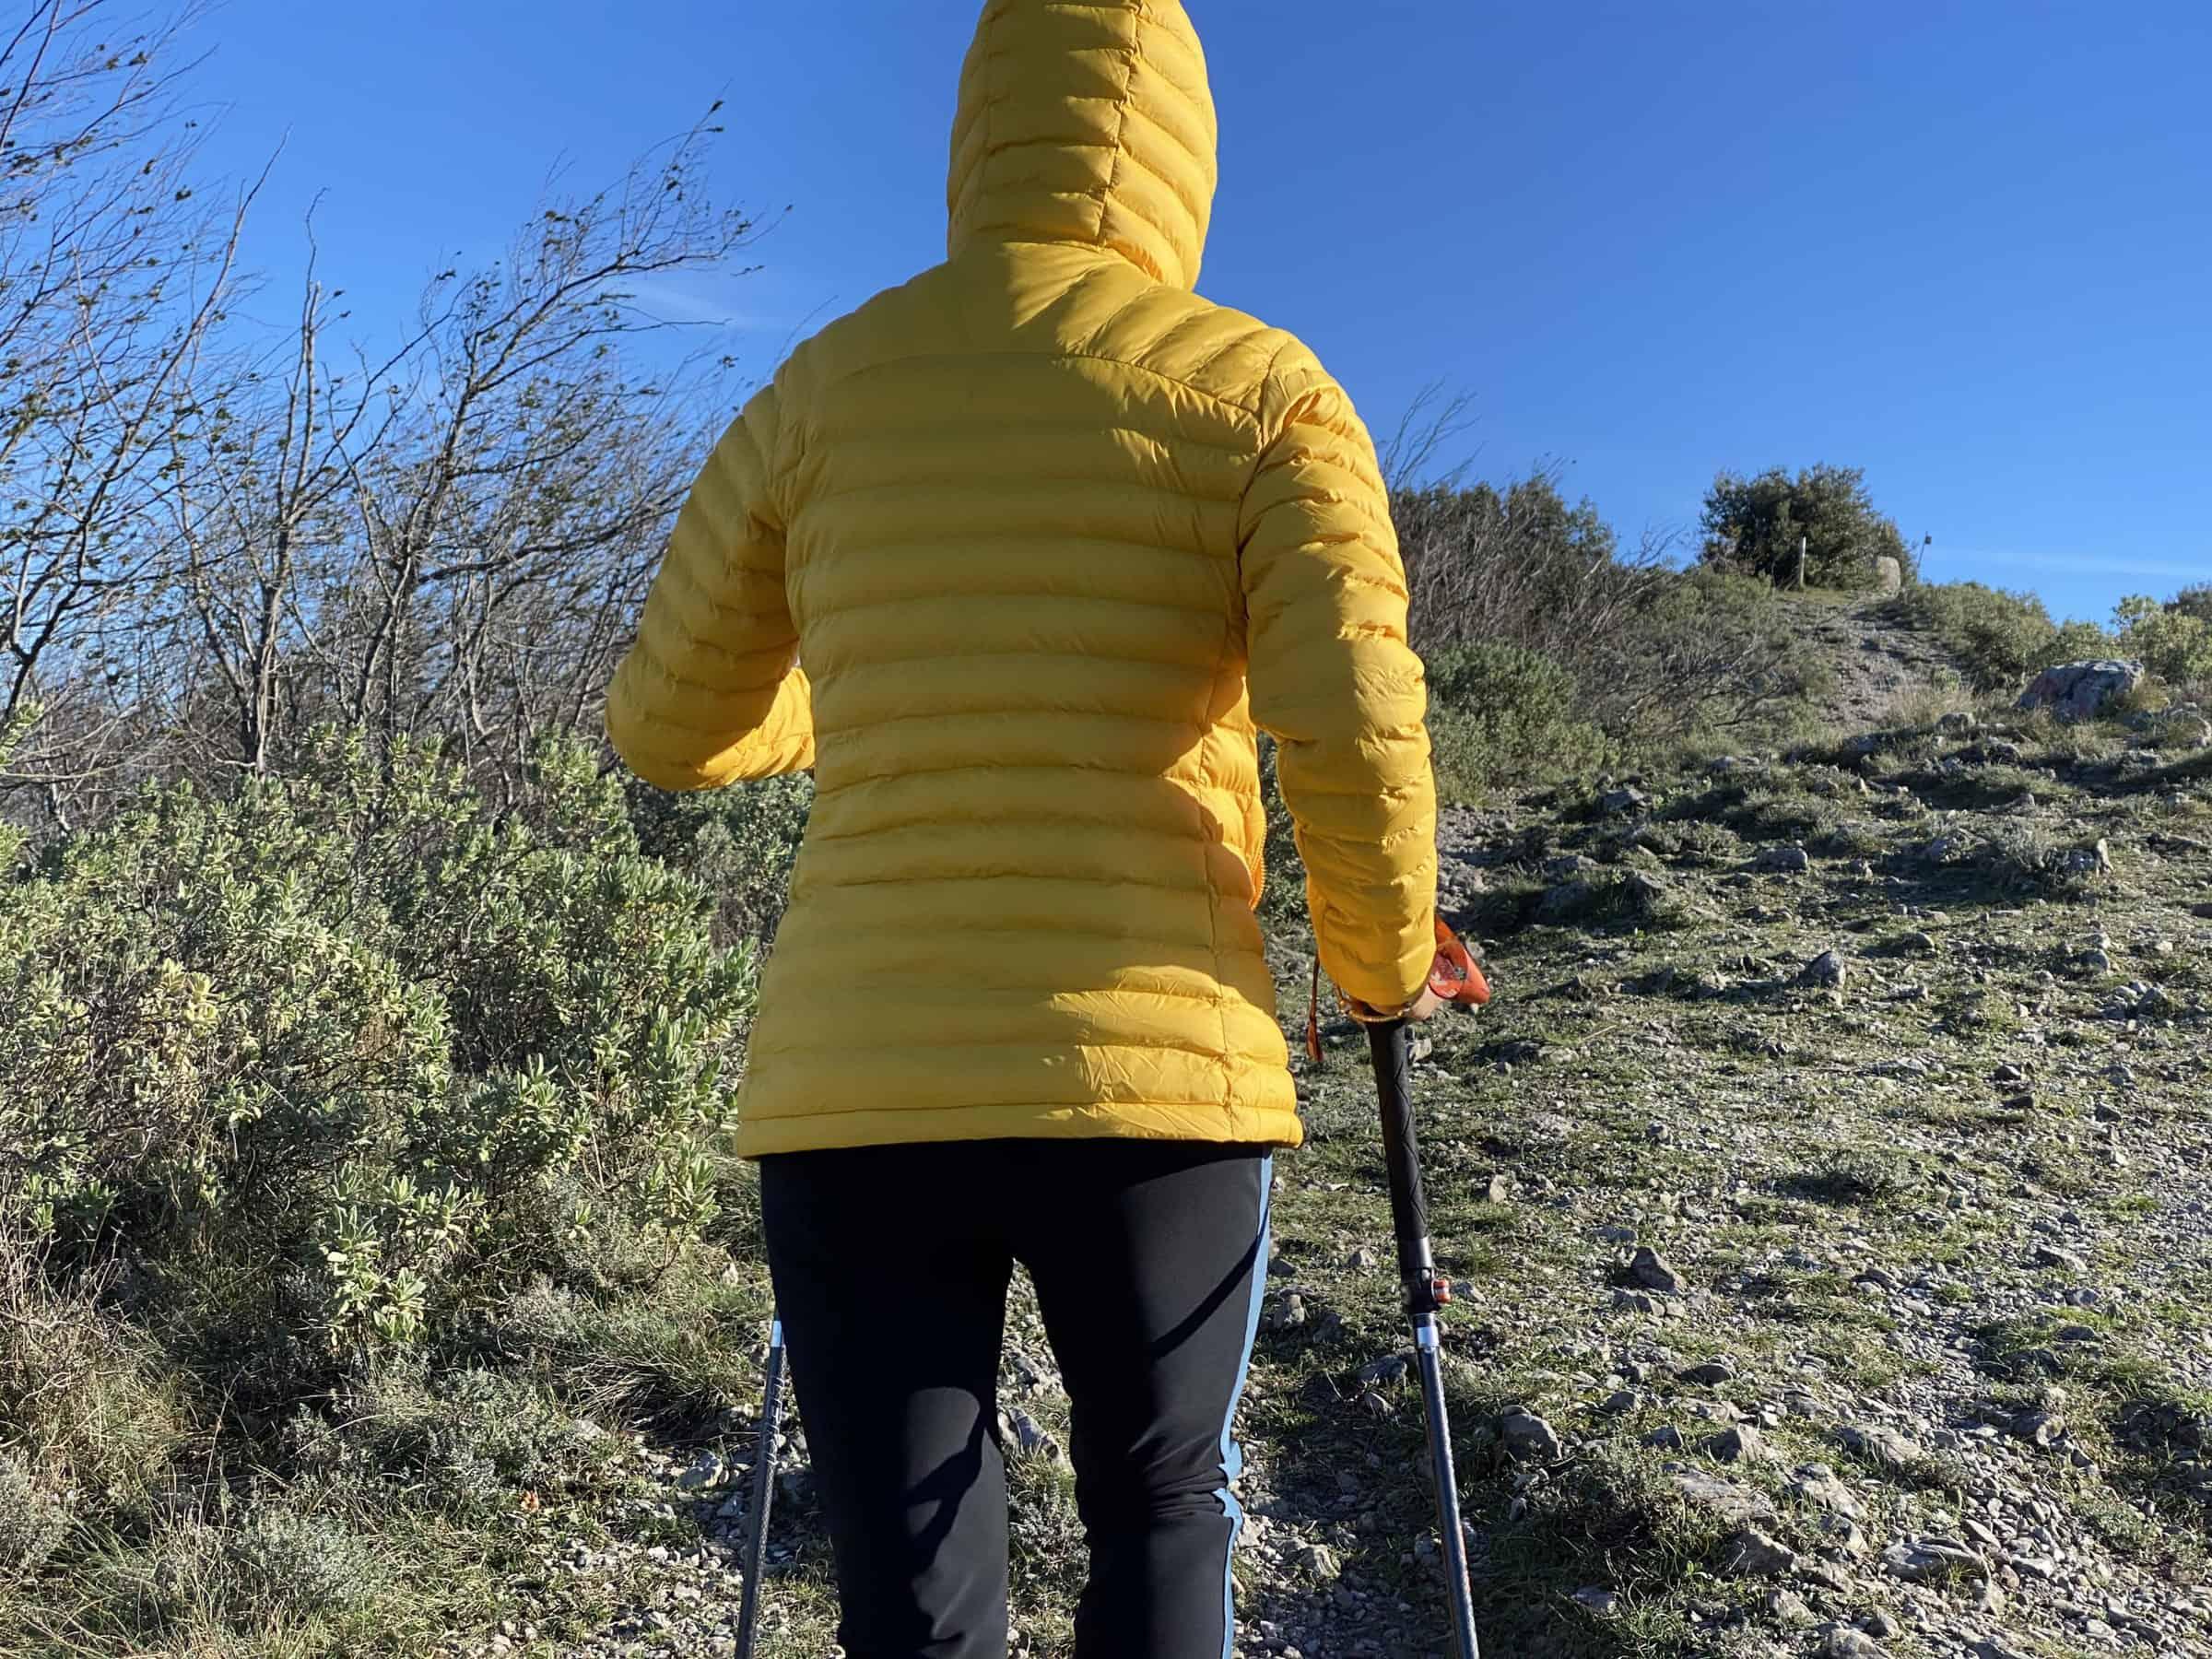 Fjällräven Expedition Lätt Hoodie, salita al monte Mao, sopra Spotorno (440 mt.)